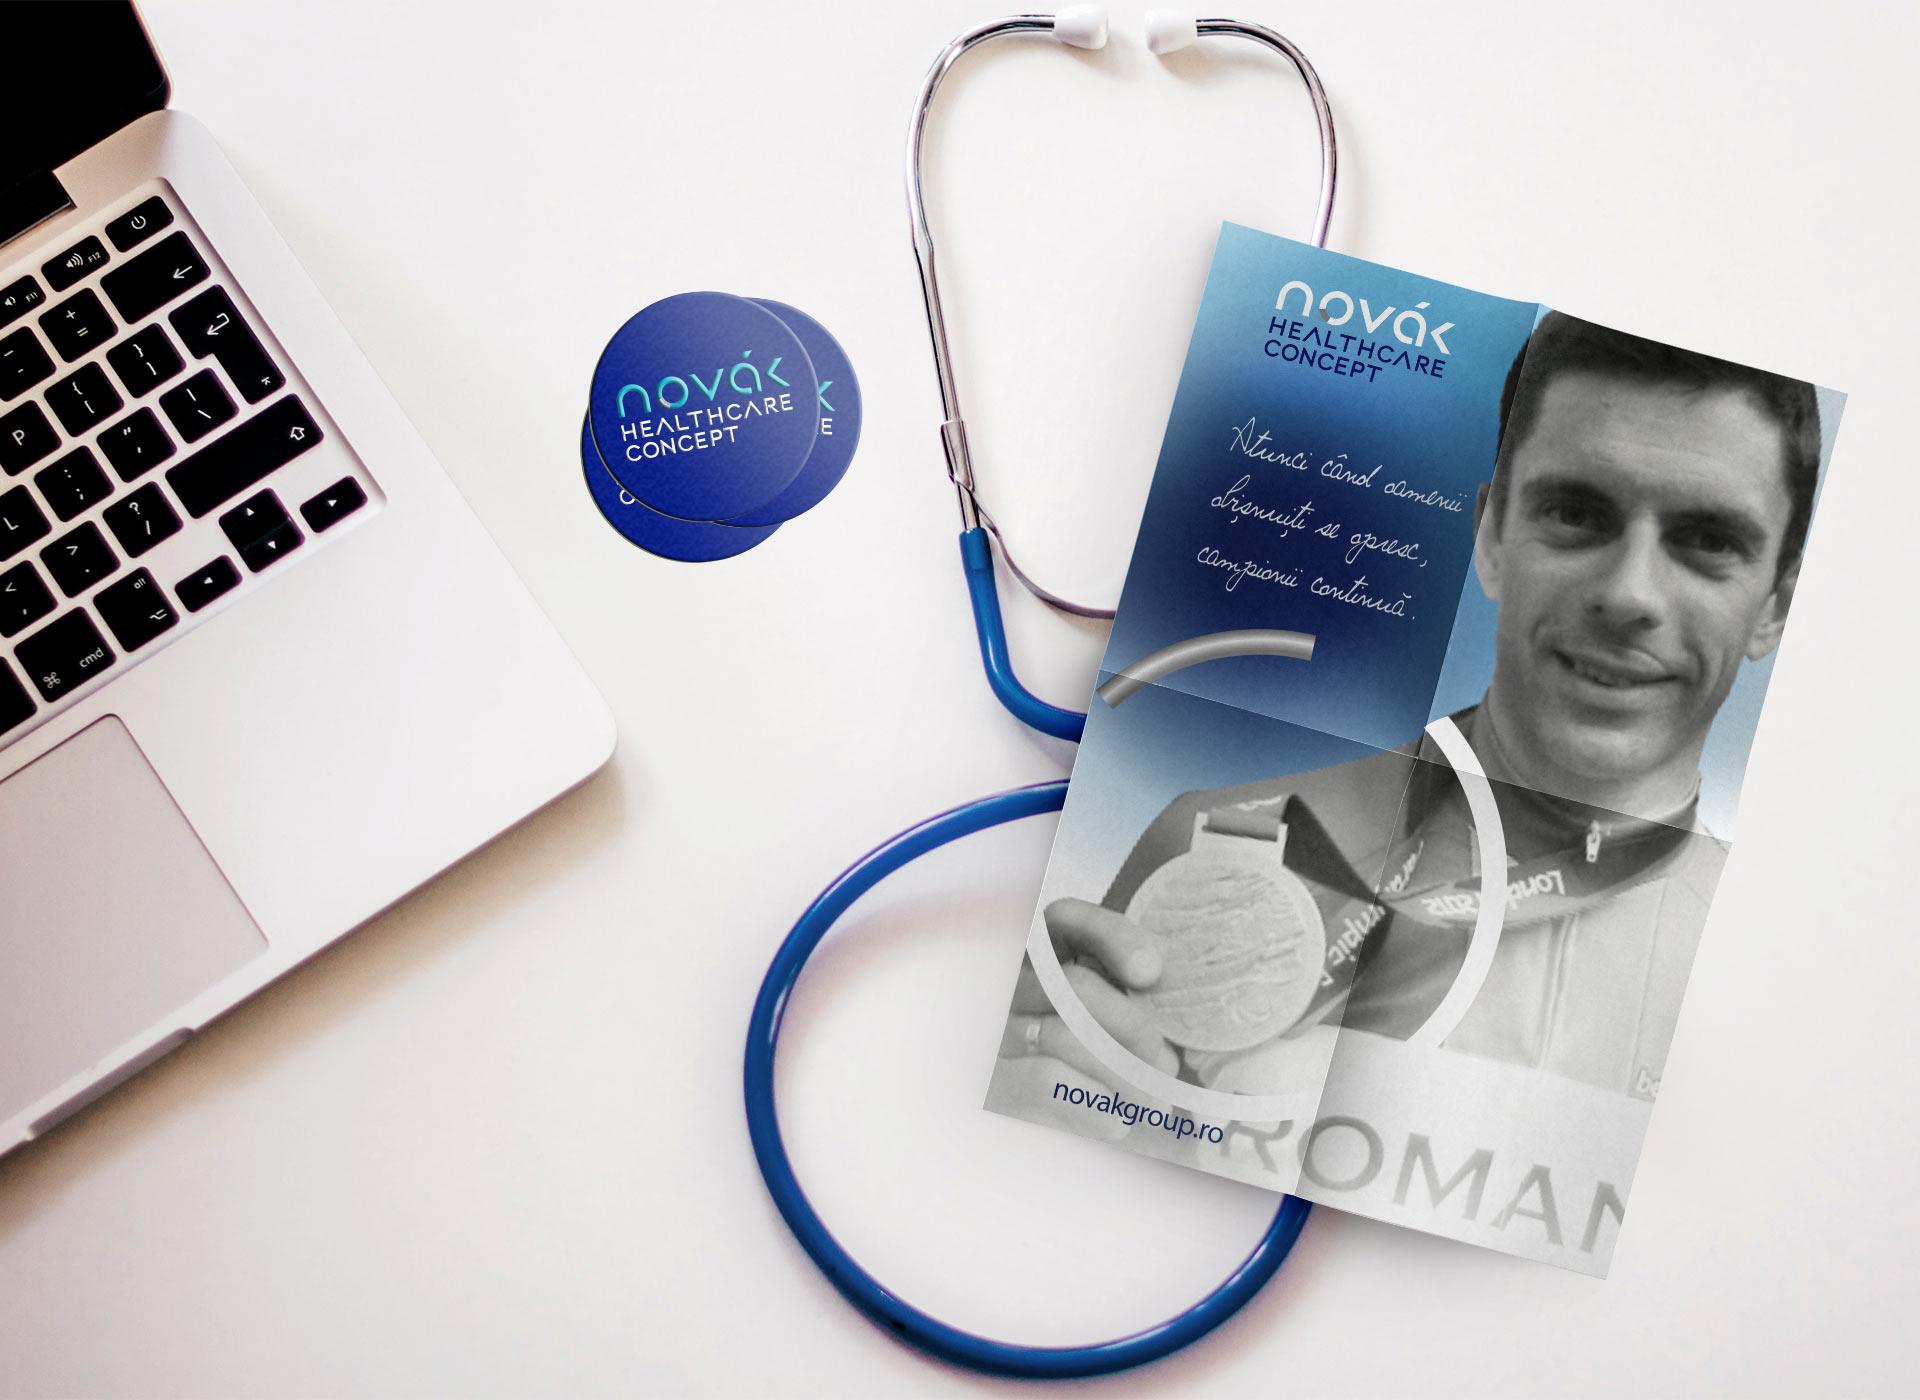 novak stetoscope branding